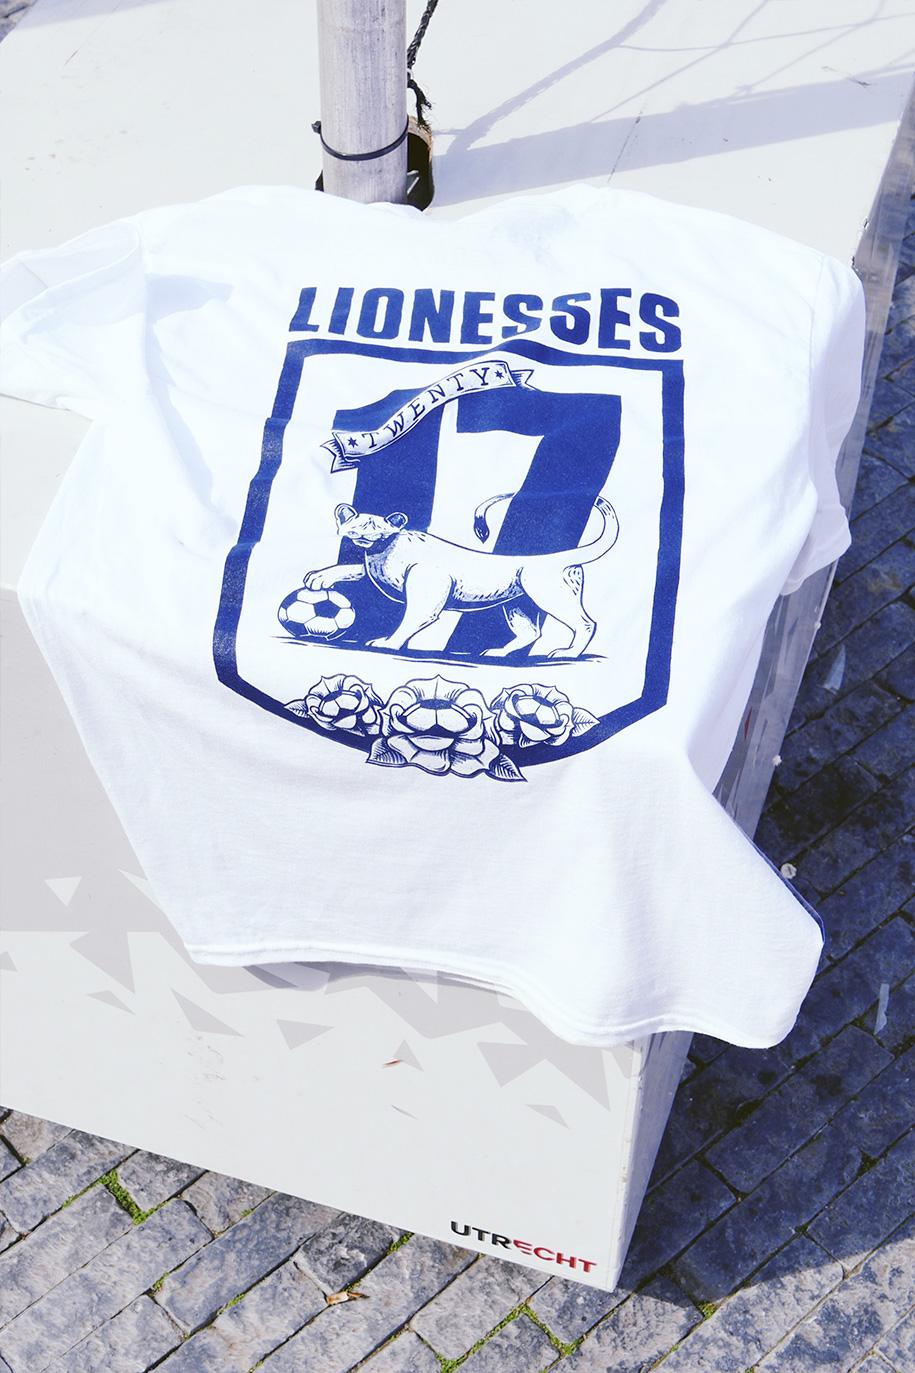 Lionesses_04